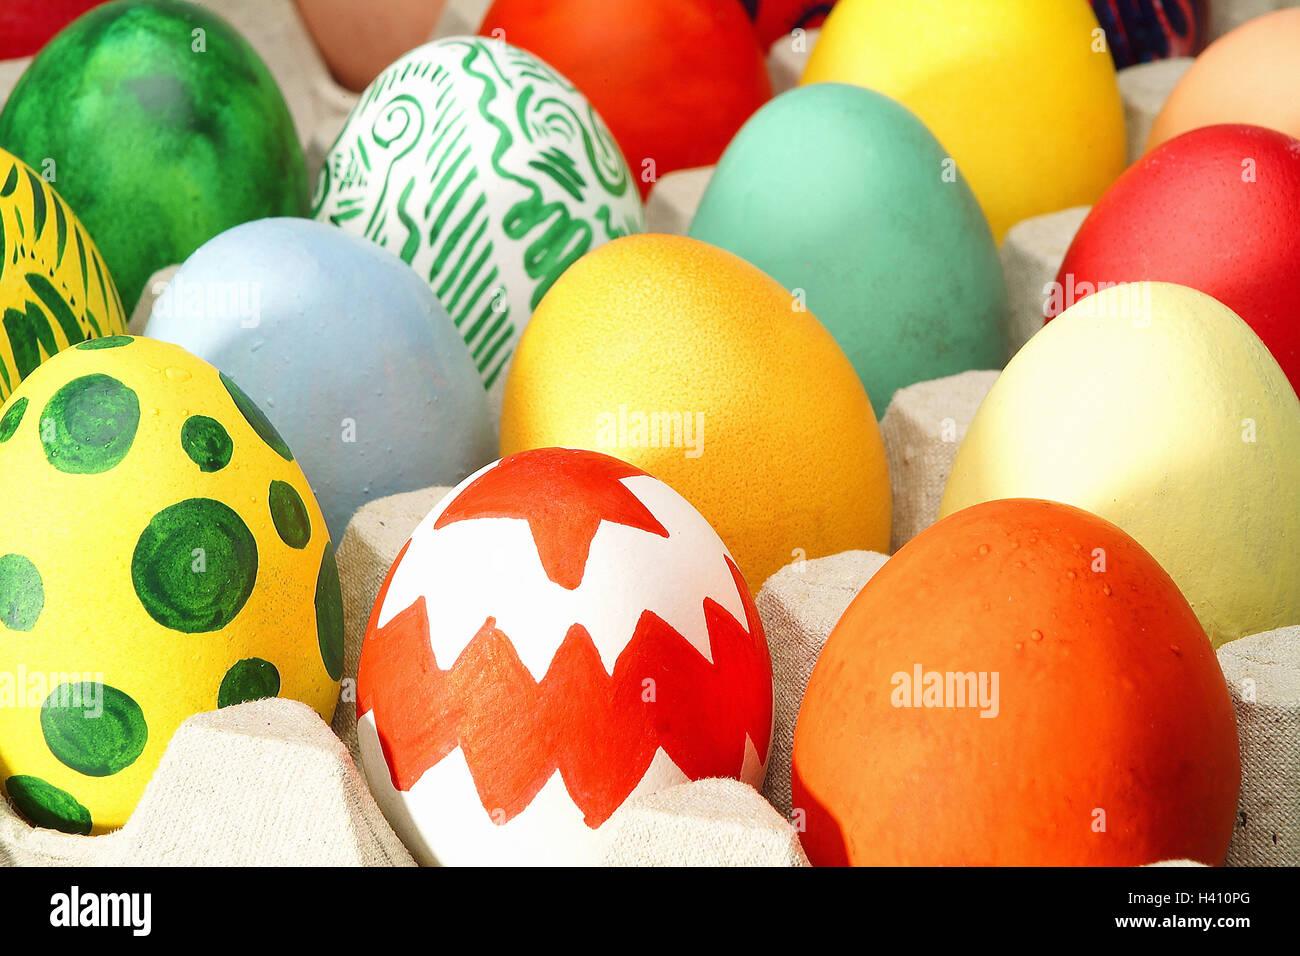 Paques Boite A œufs œufs De Paques De Couleurs Vives Les